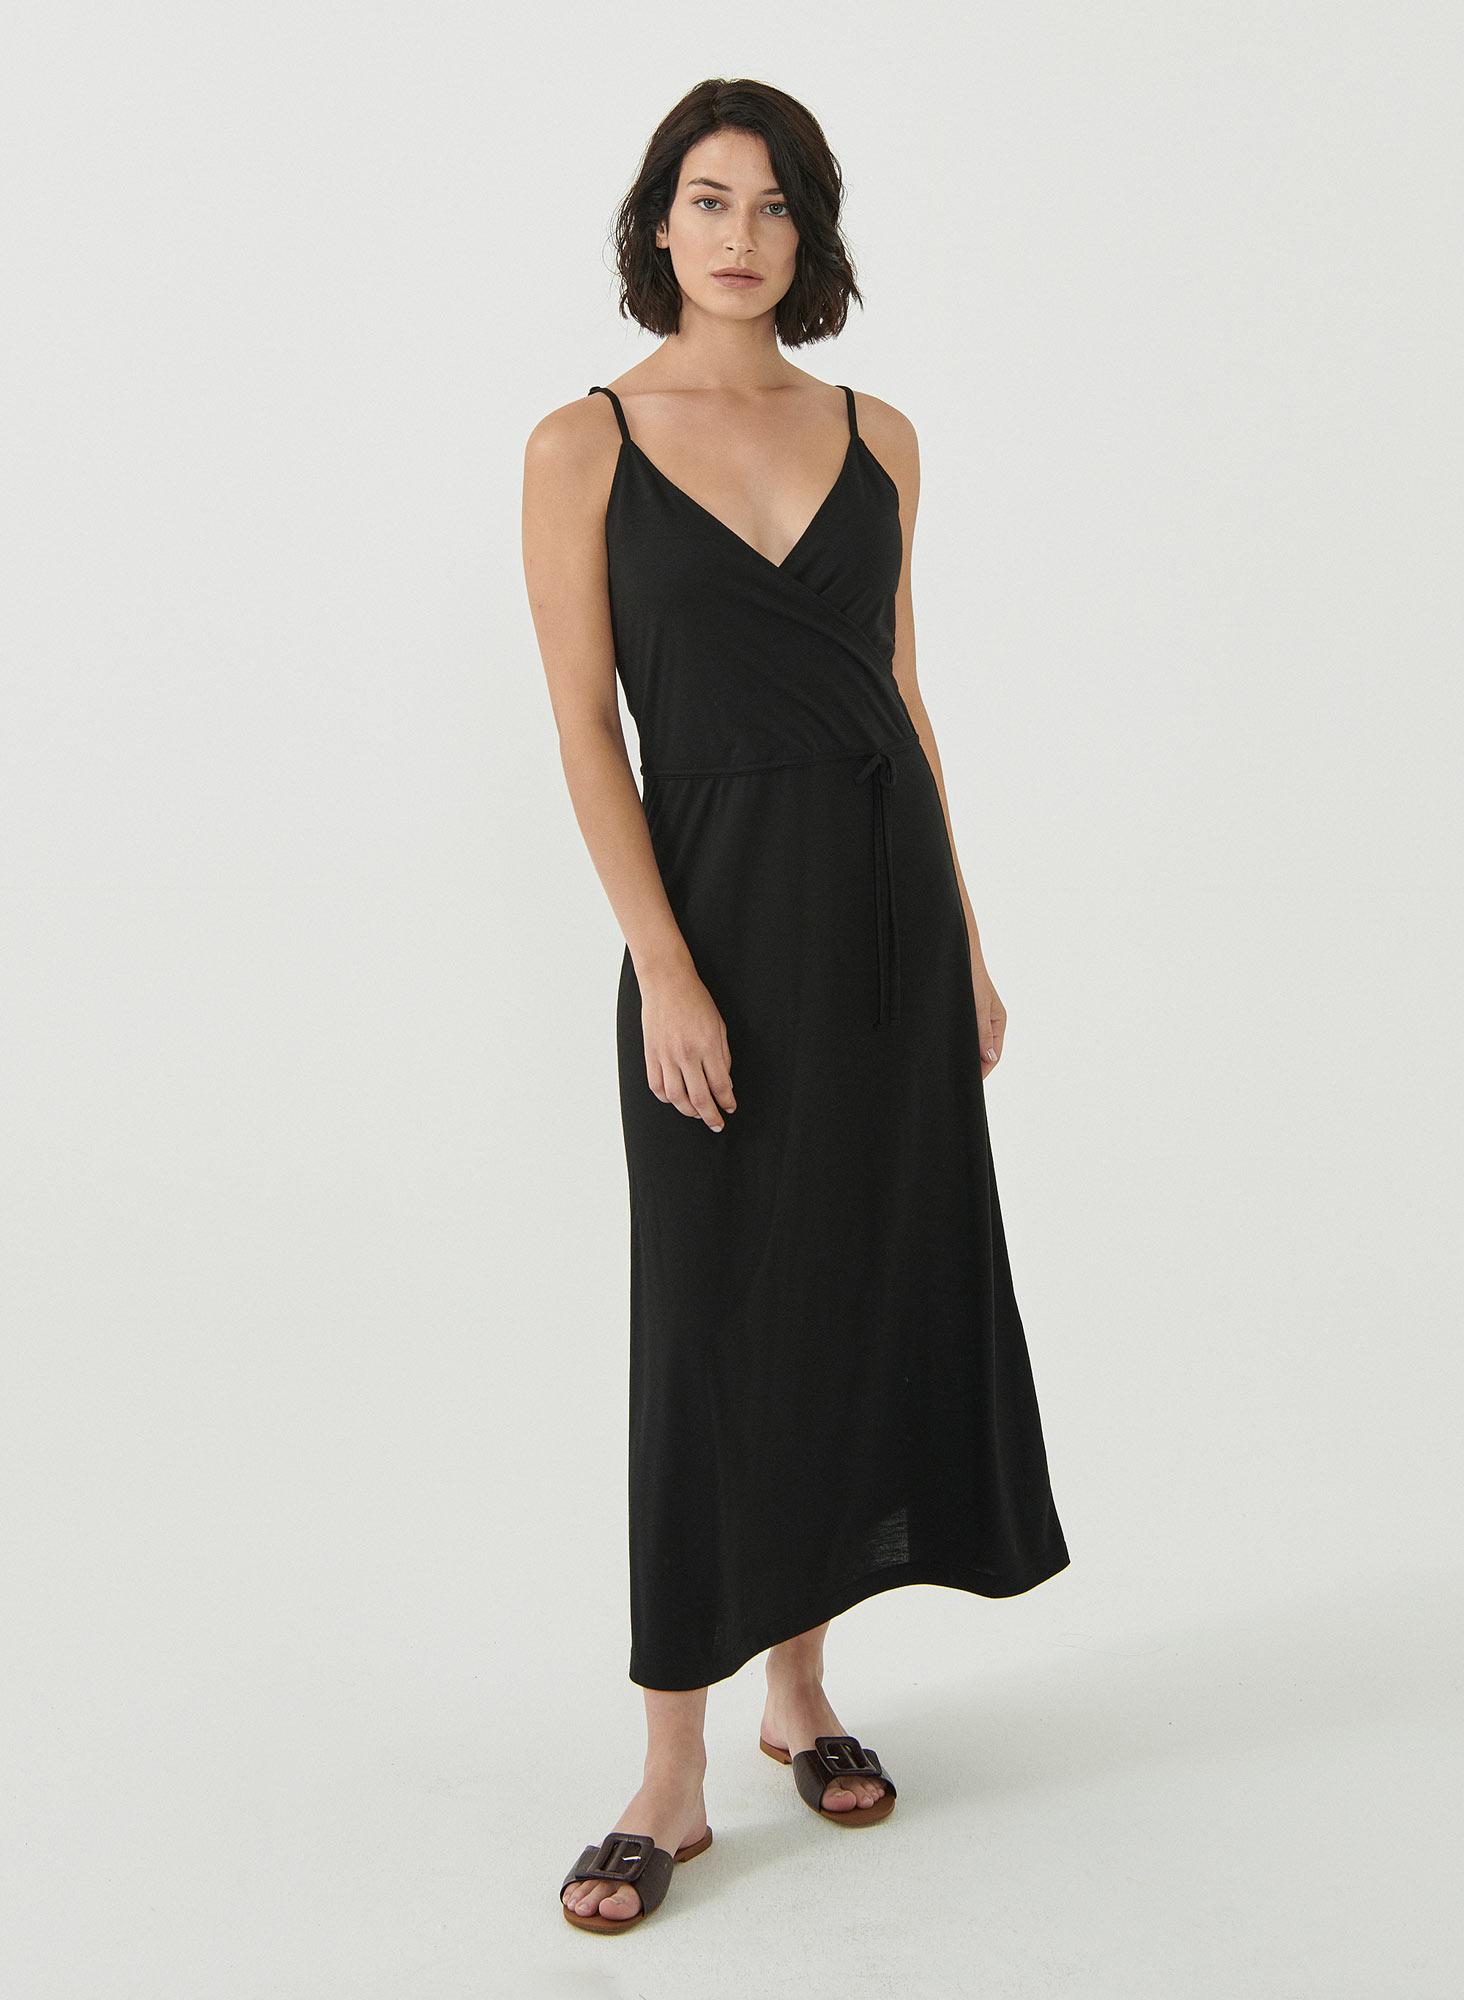 wor11766-Black-Spaghettitraeger-Kleid-recycelte-PET-Flaschen-Ecovero-nachhaltig-umweltbewusst-sommerlich-leichter-Stoff